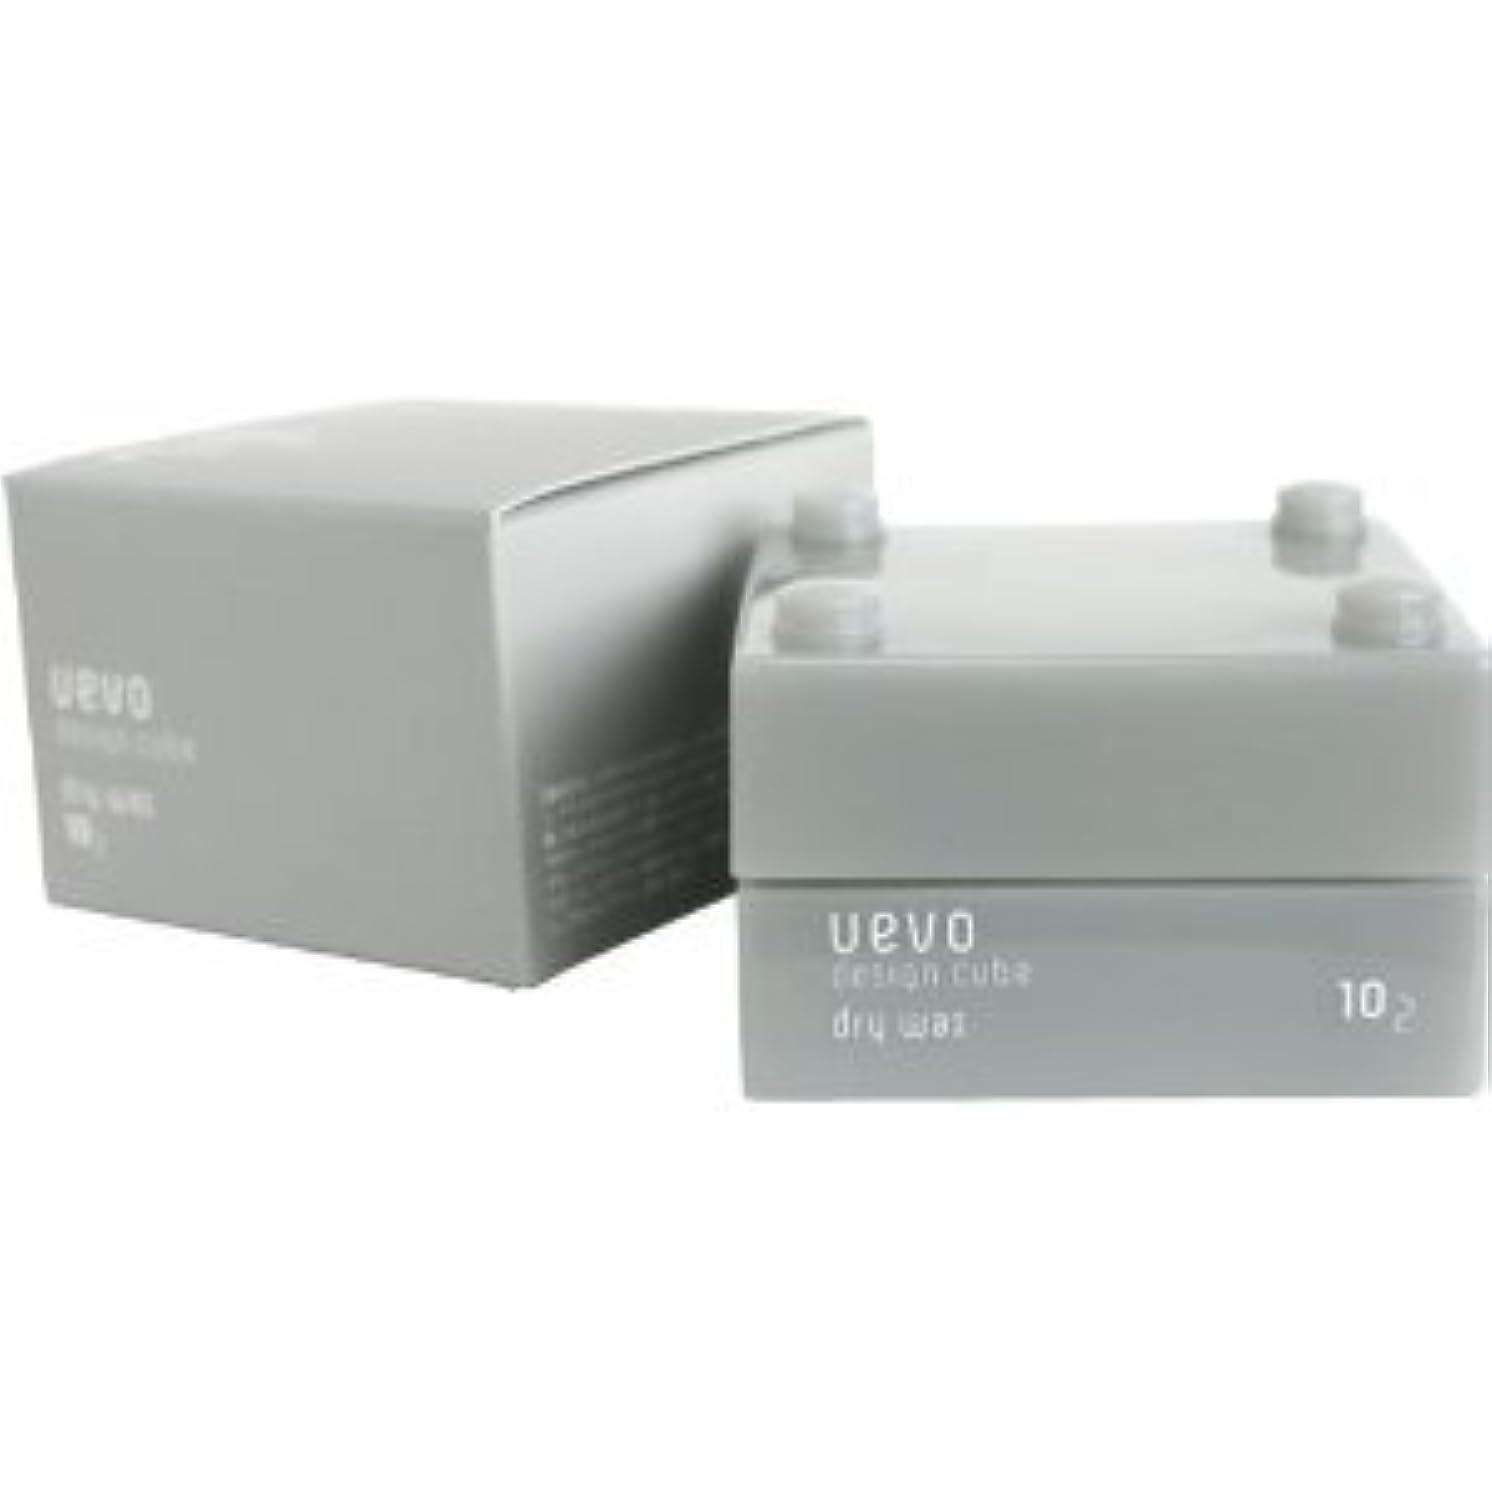 マガジンストラップ差し引く【X2個セット】 デミ ウェーボ デザインキューブ ドライワックス 30g dry wax DEMI uevo design cube